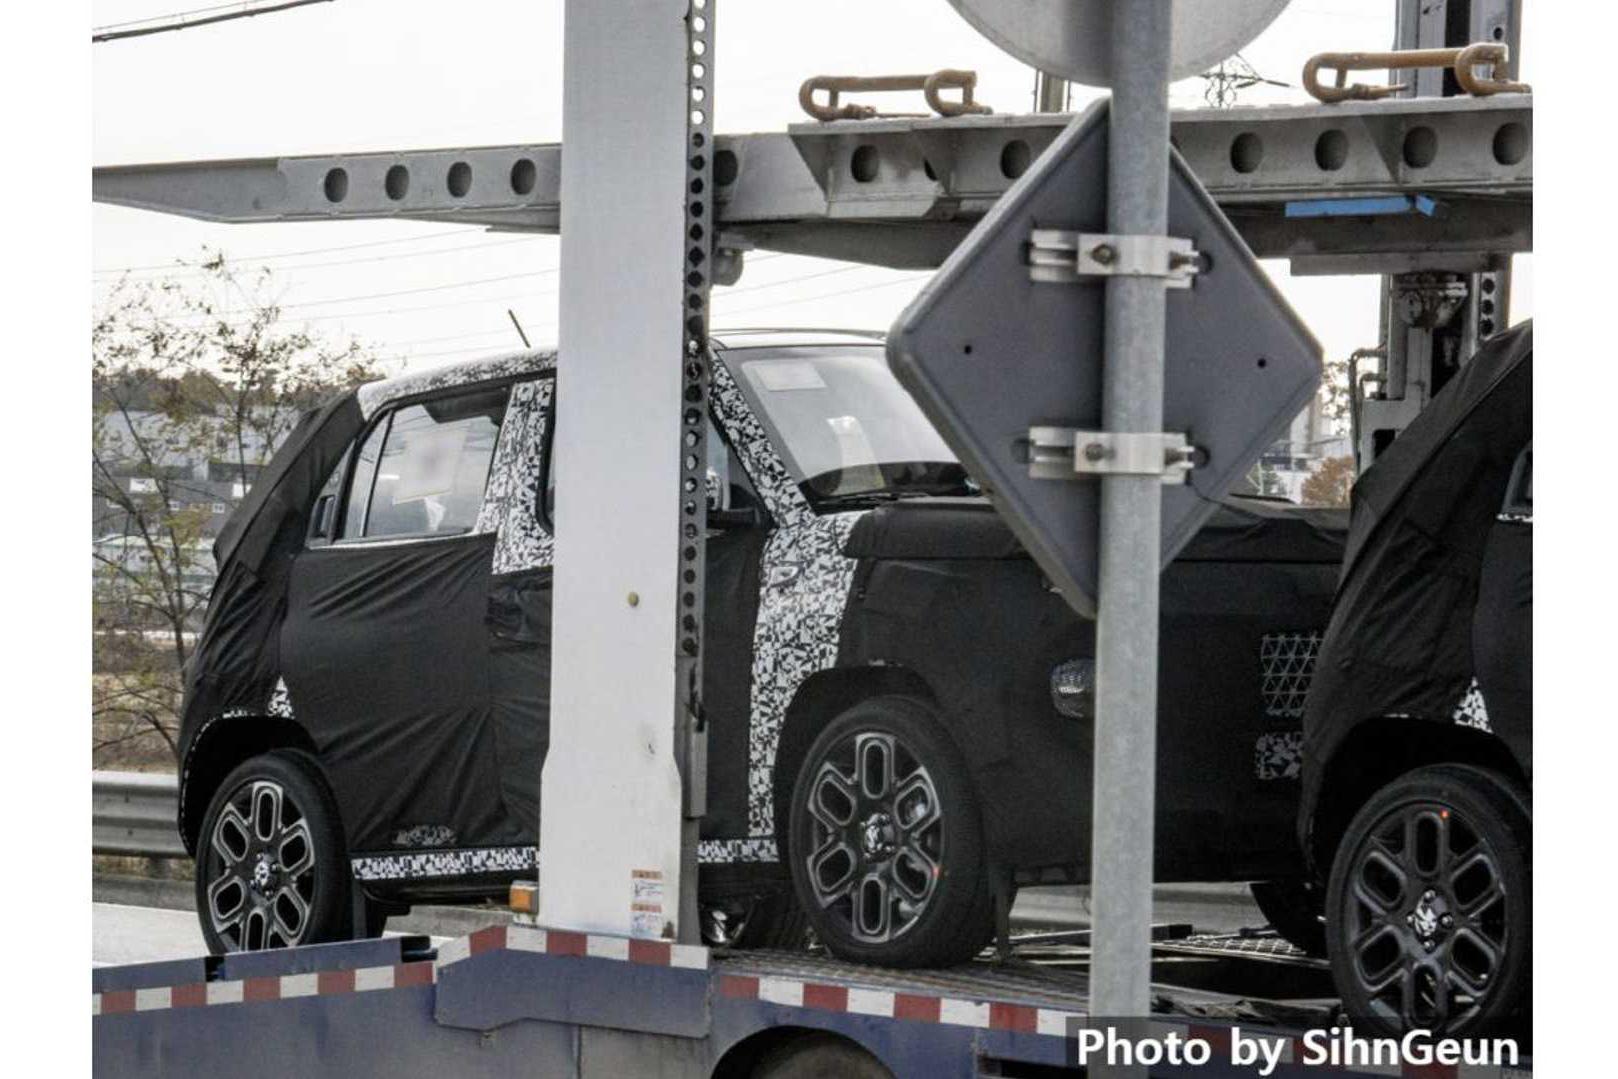 Hyundai chạy thử SUV siêu nhỏ, nhiều khả năng là 'Hyundai Grand i10 gầm cao'